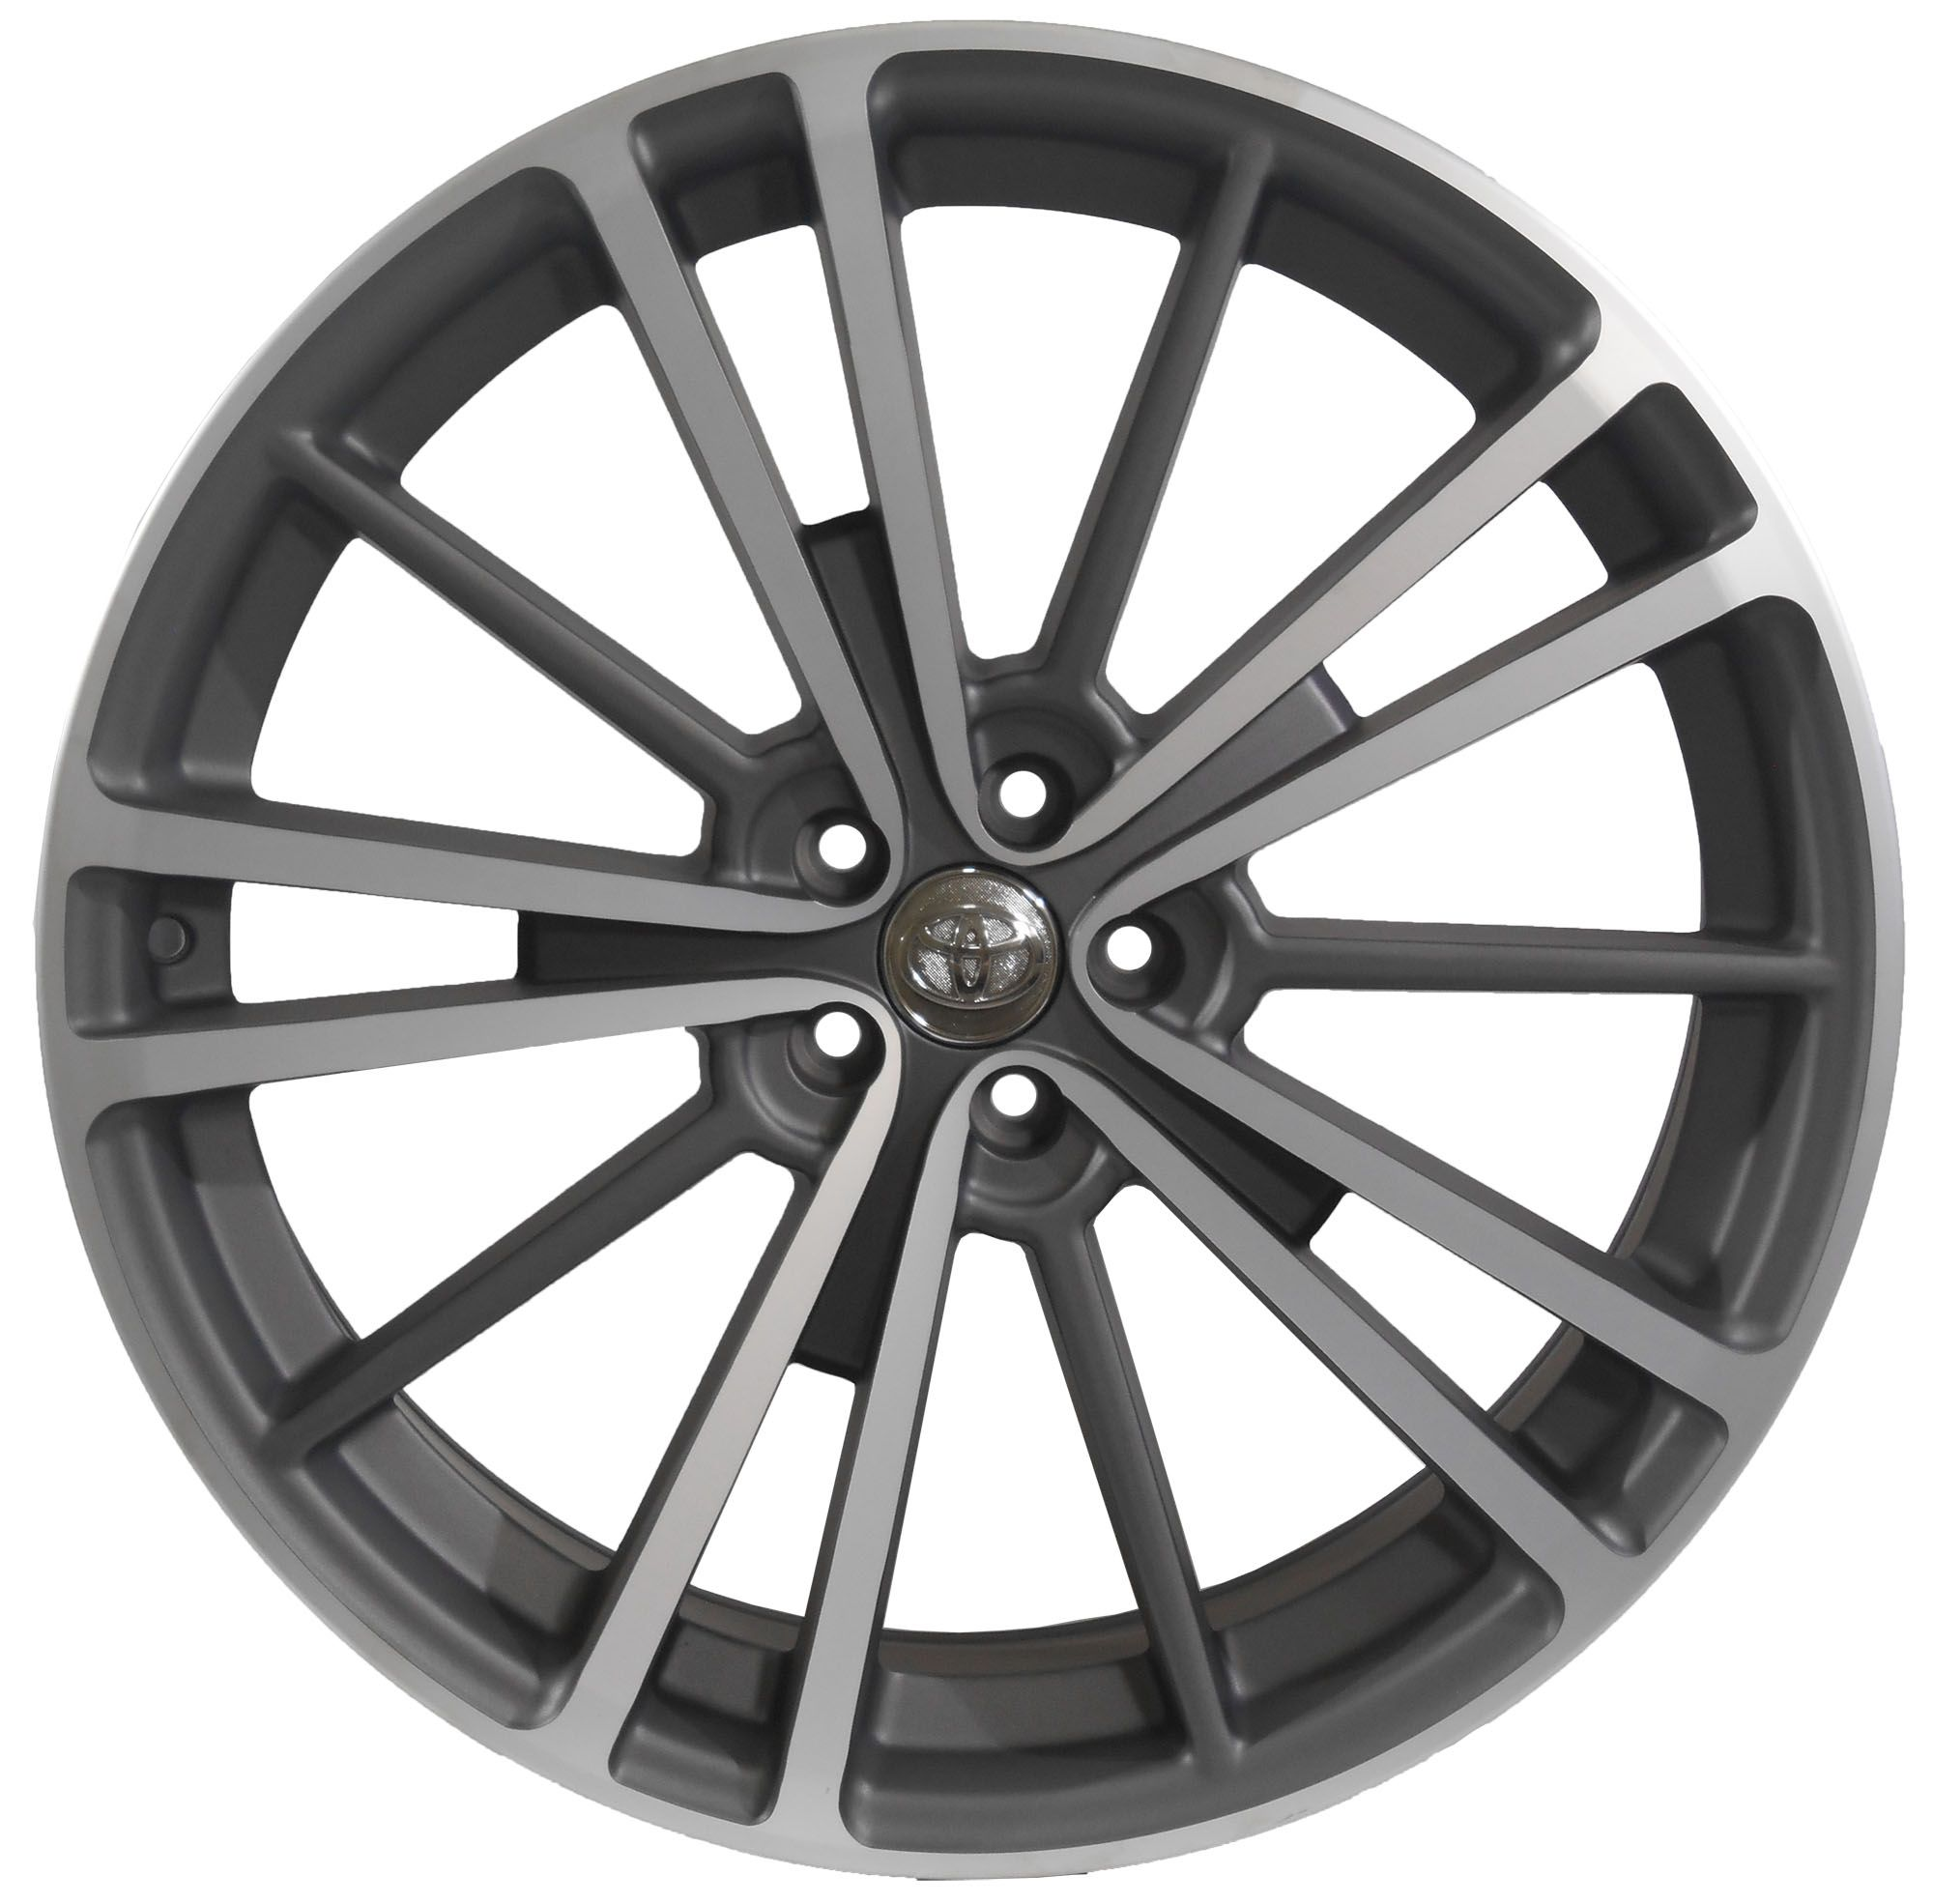 Jogo com 4 rodas GT-7 New corolla aro 20 furacão 5X100 acabamento grafite e diamante tala 8